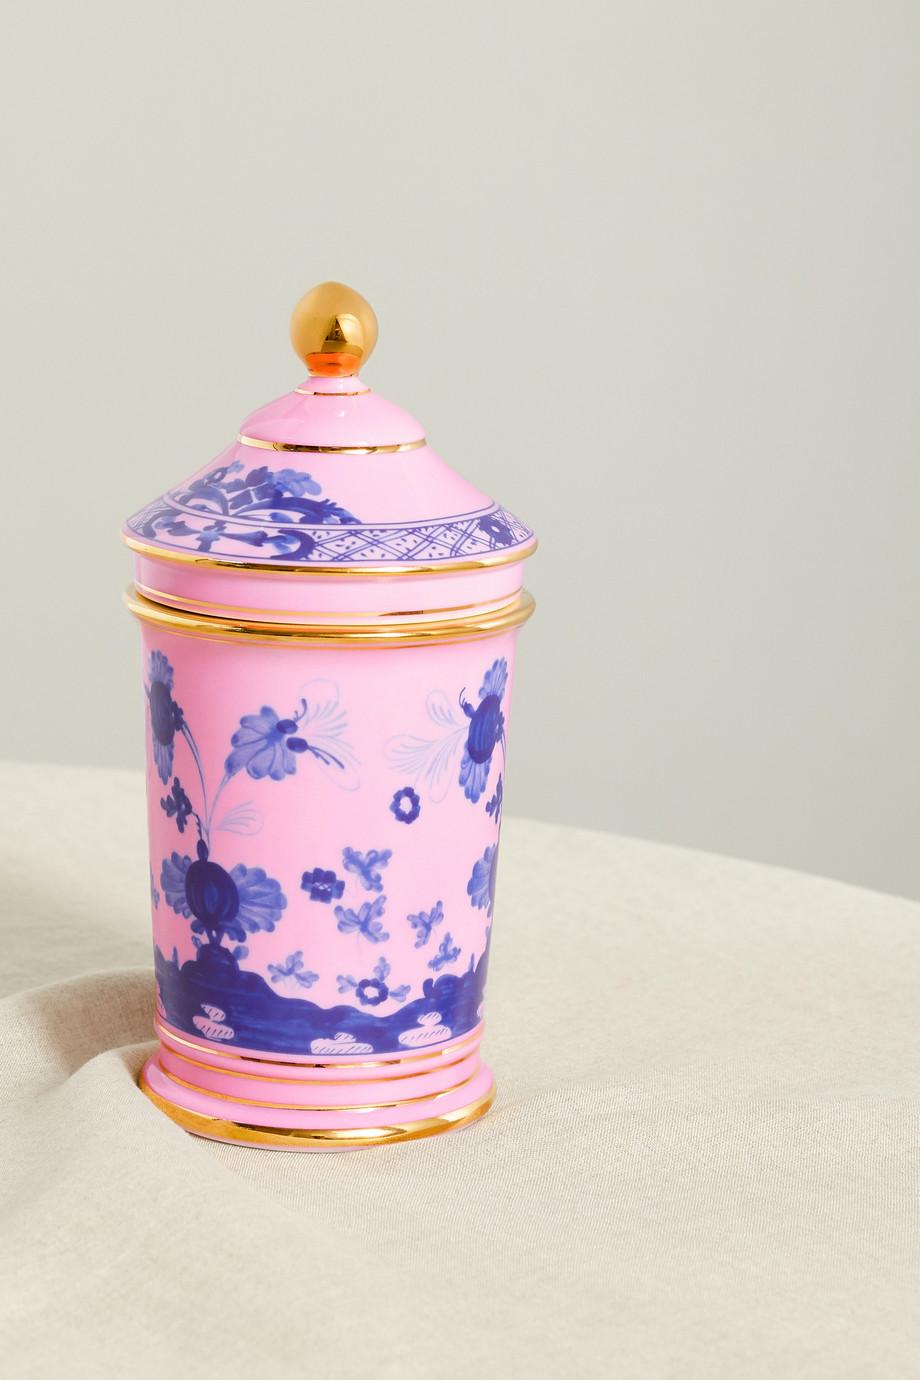 Ginori Pot d'apothicaire en porcelaine plaquée or